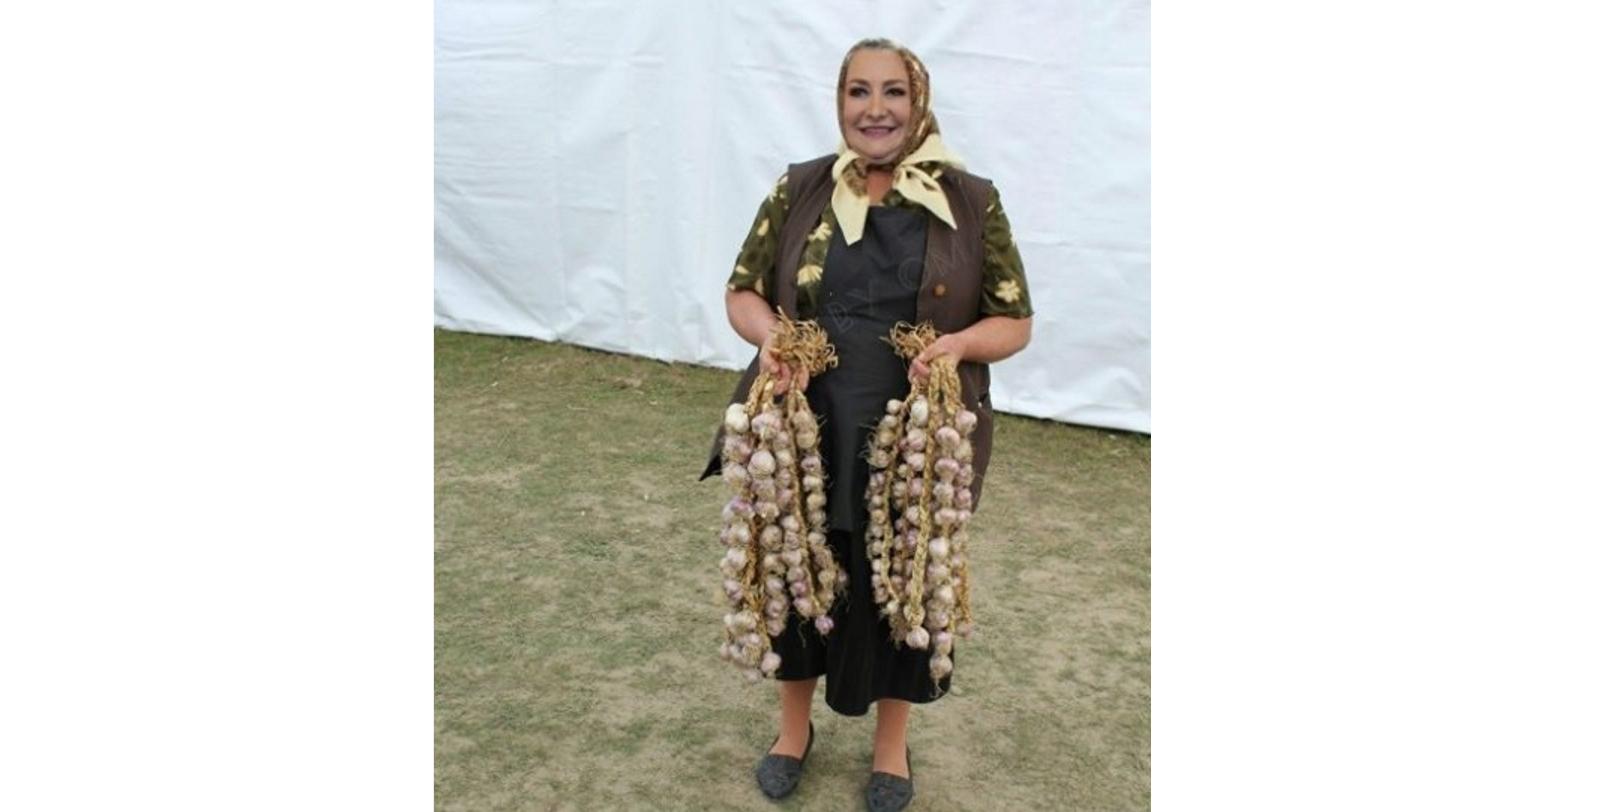 Tanti Vioricaa înțeles din ordonanța militară că poate ieși la plimbare cu cățeii!